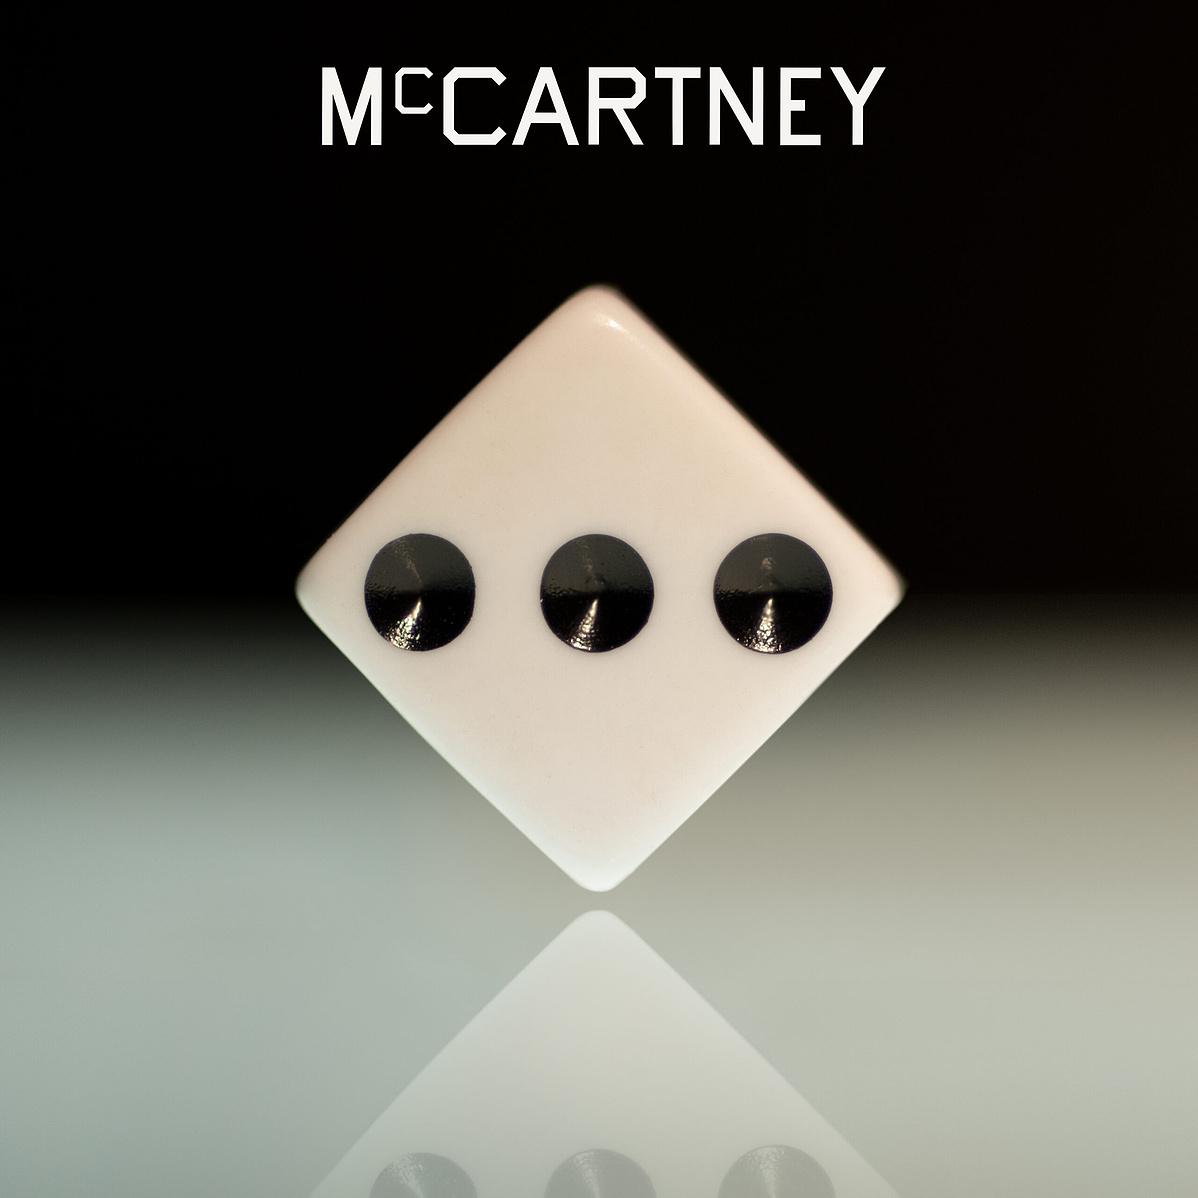 McCartneyIII-105212.jpg